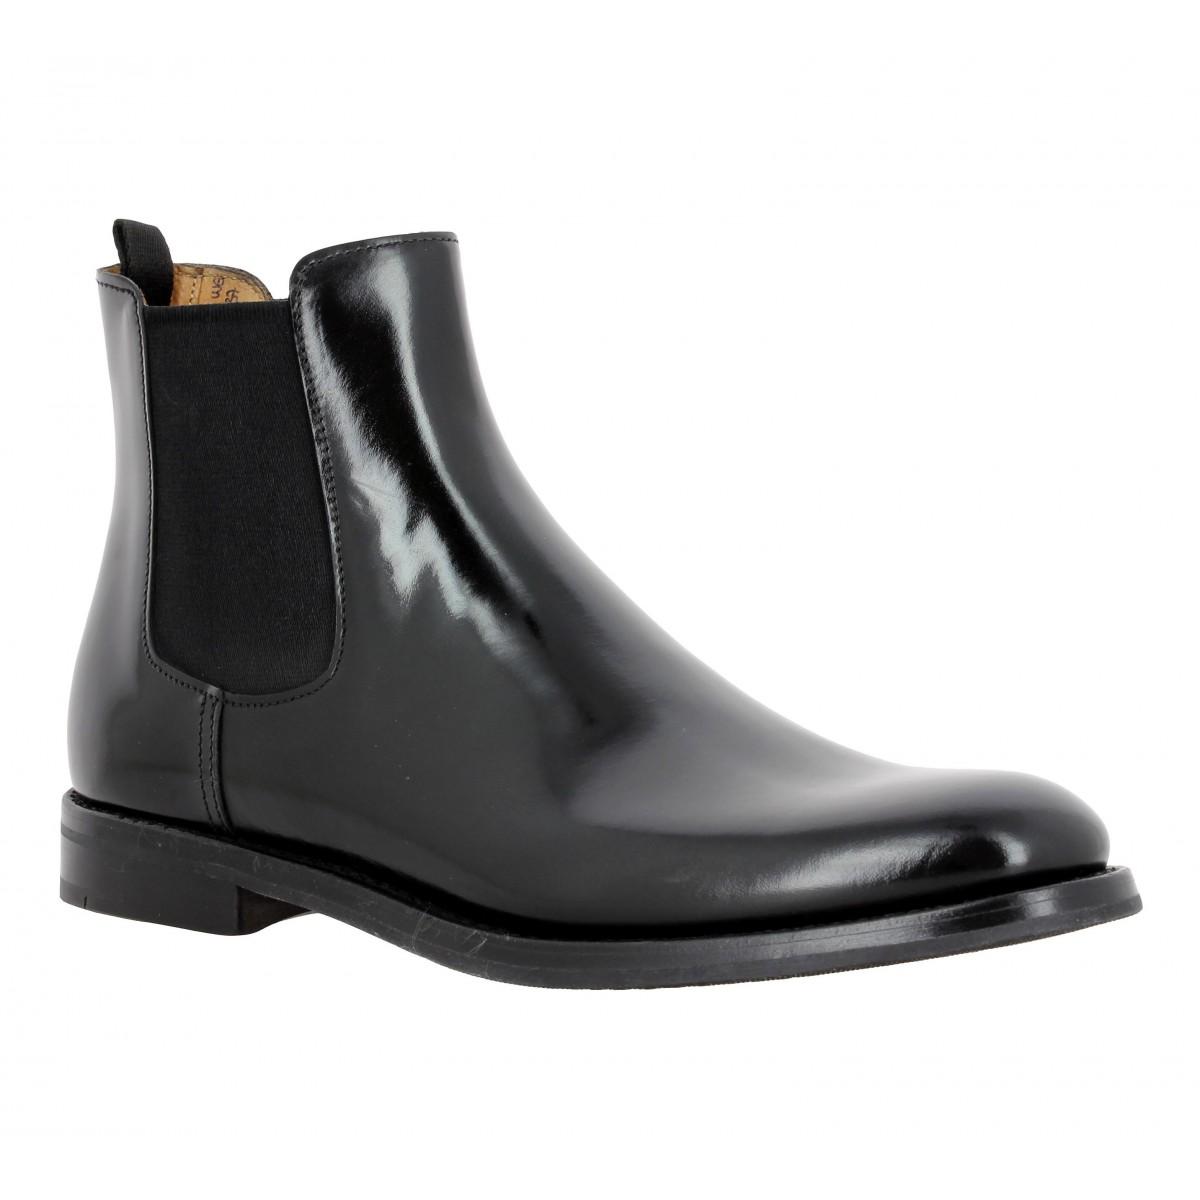 chaussures church 39 s le charme britannique au pied blog fanny chaussures. Black Bedroom Furniture Sets. Home Design Ideas